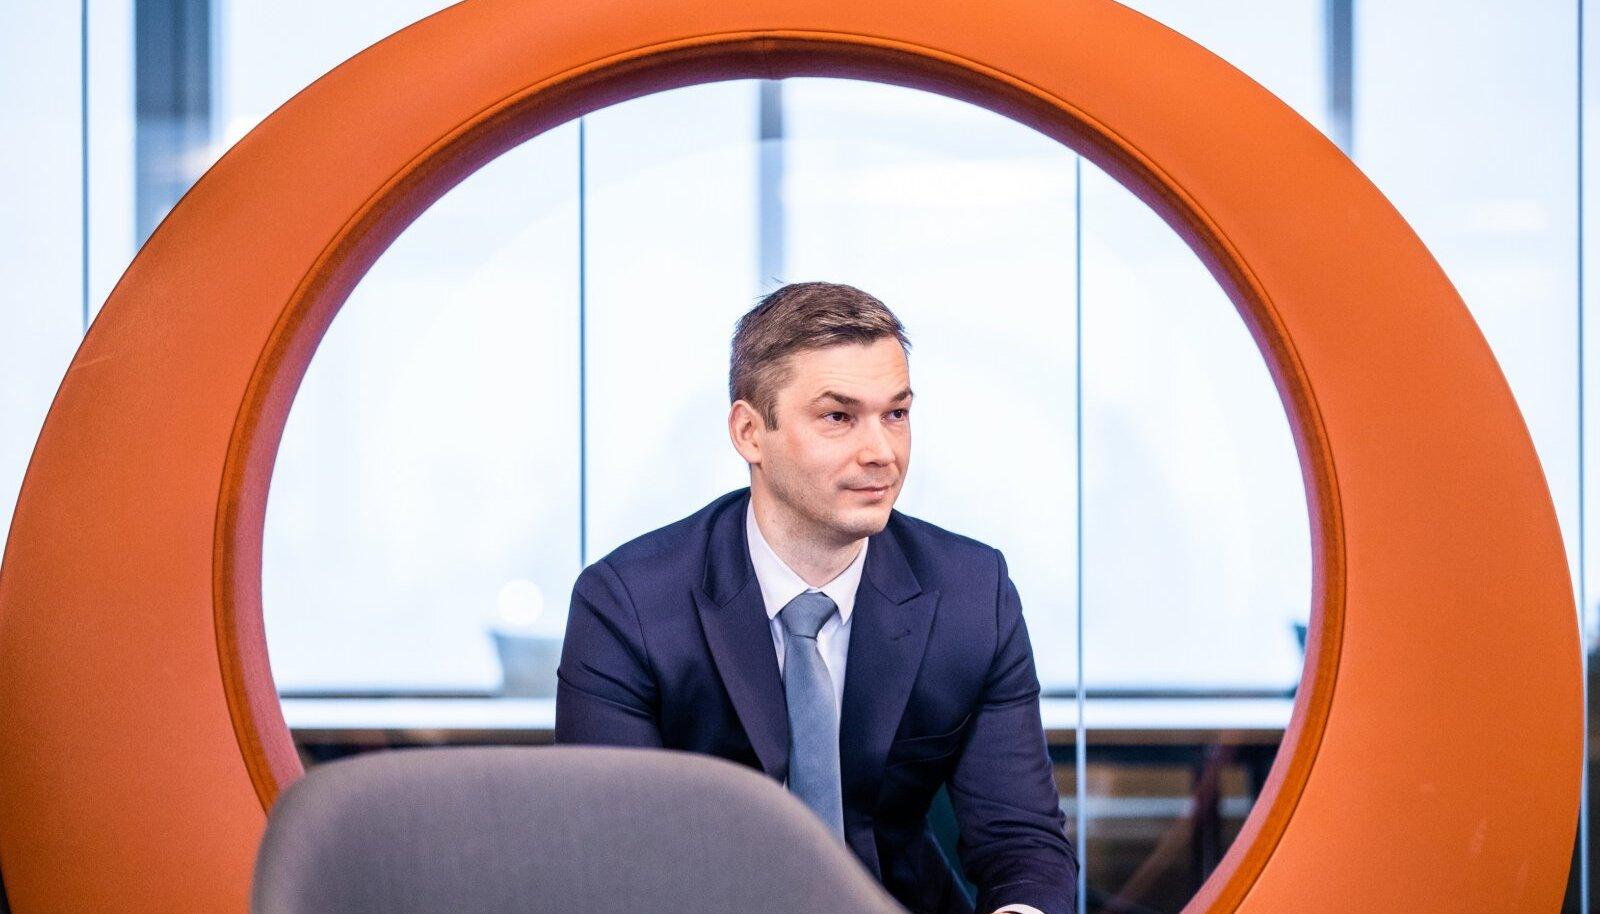 LHV grupi juht Madis Toomsalu prognoosib ettevõttele kiirenevat kasvu.